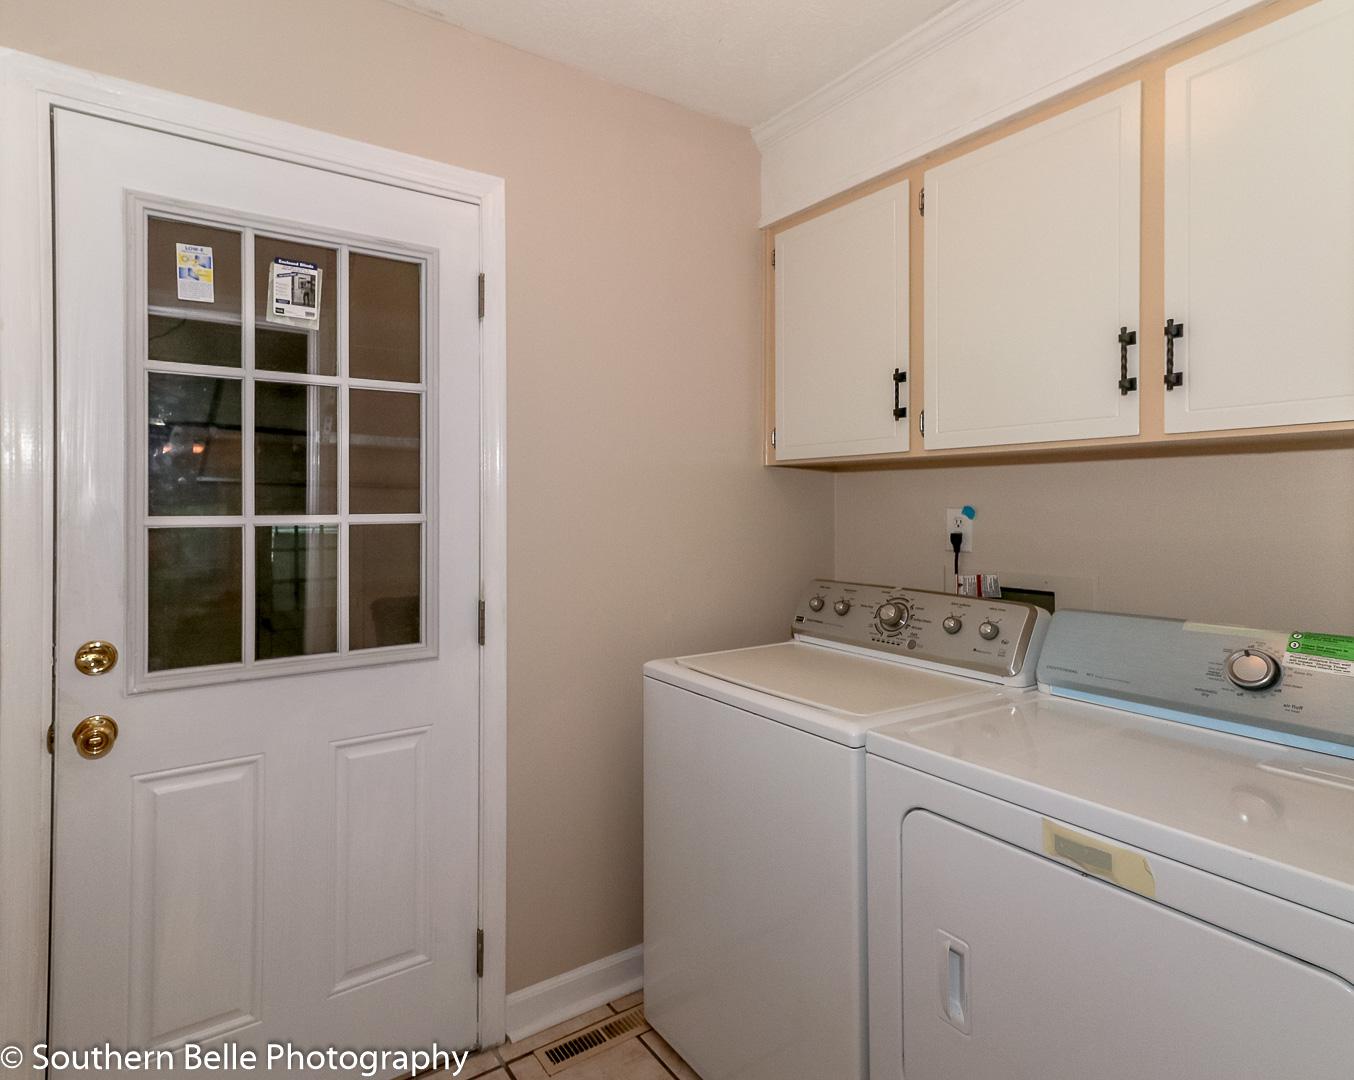 25. Laundry Room WM